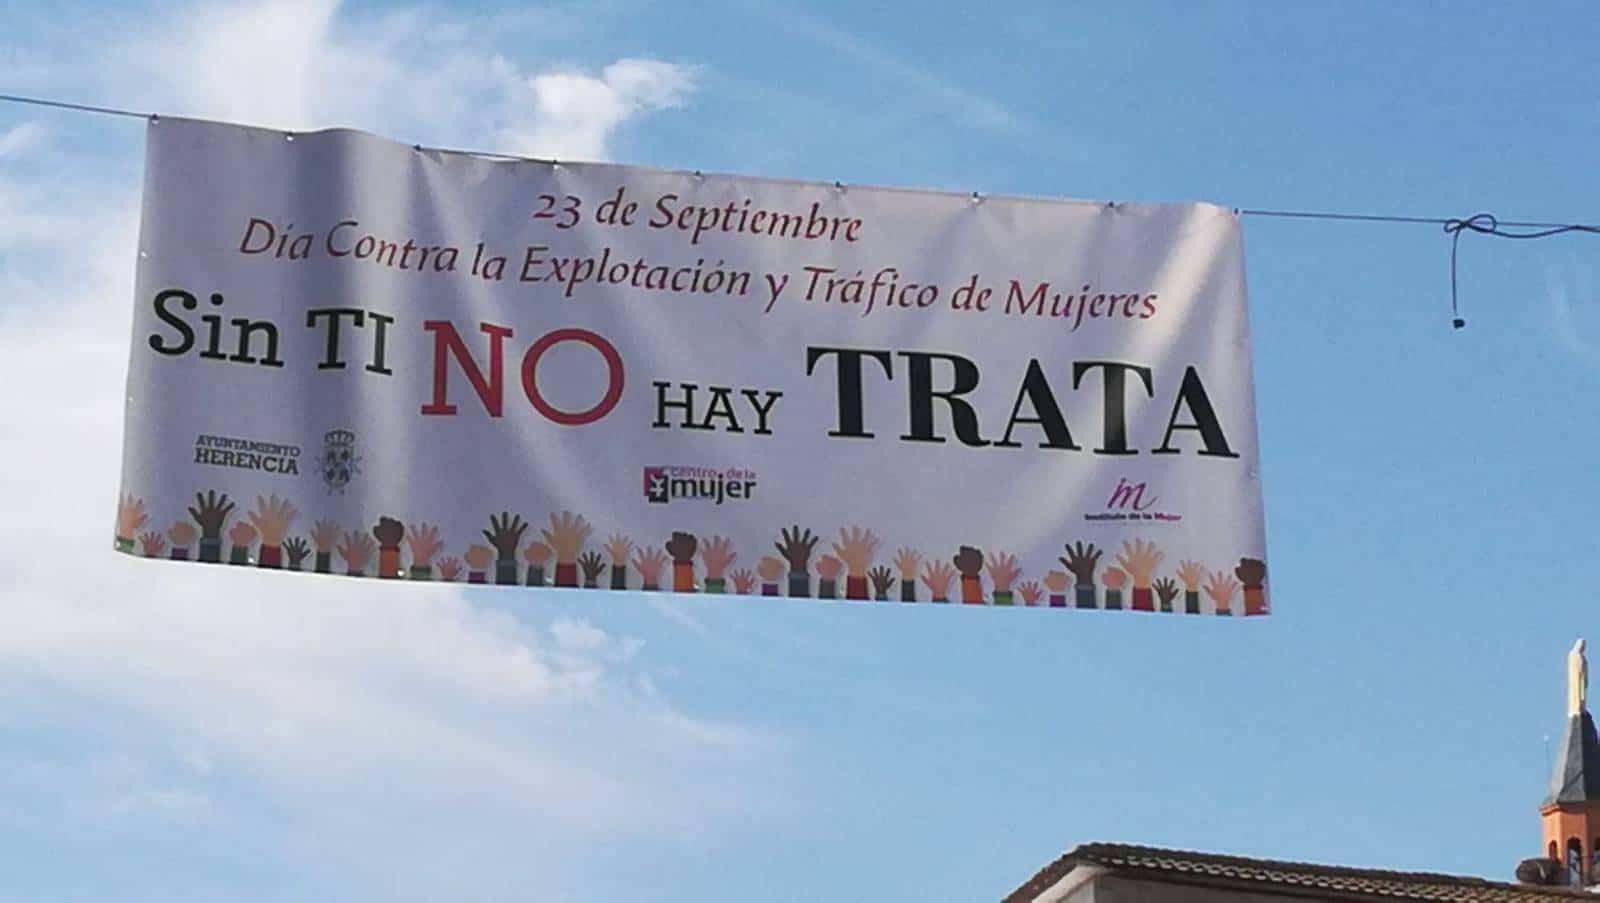 sin ti no hay trata herencia - 23 de septiembre: Día Contra la Explotación y Tráfico de Mujeres